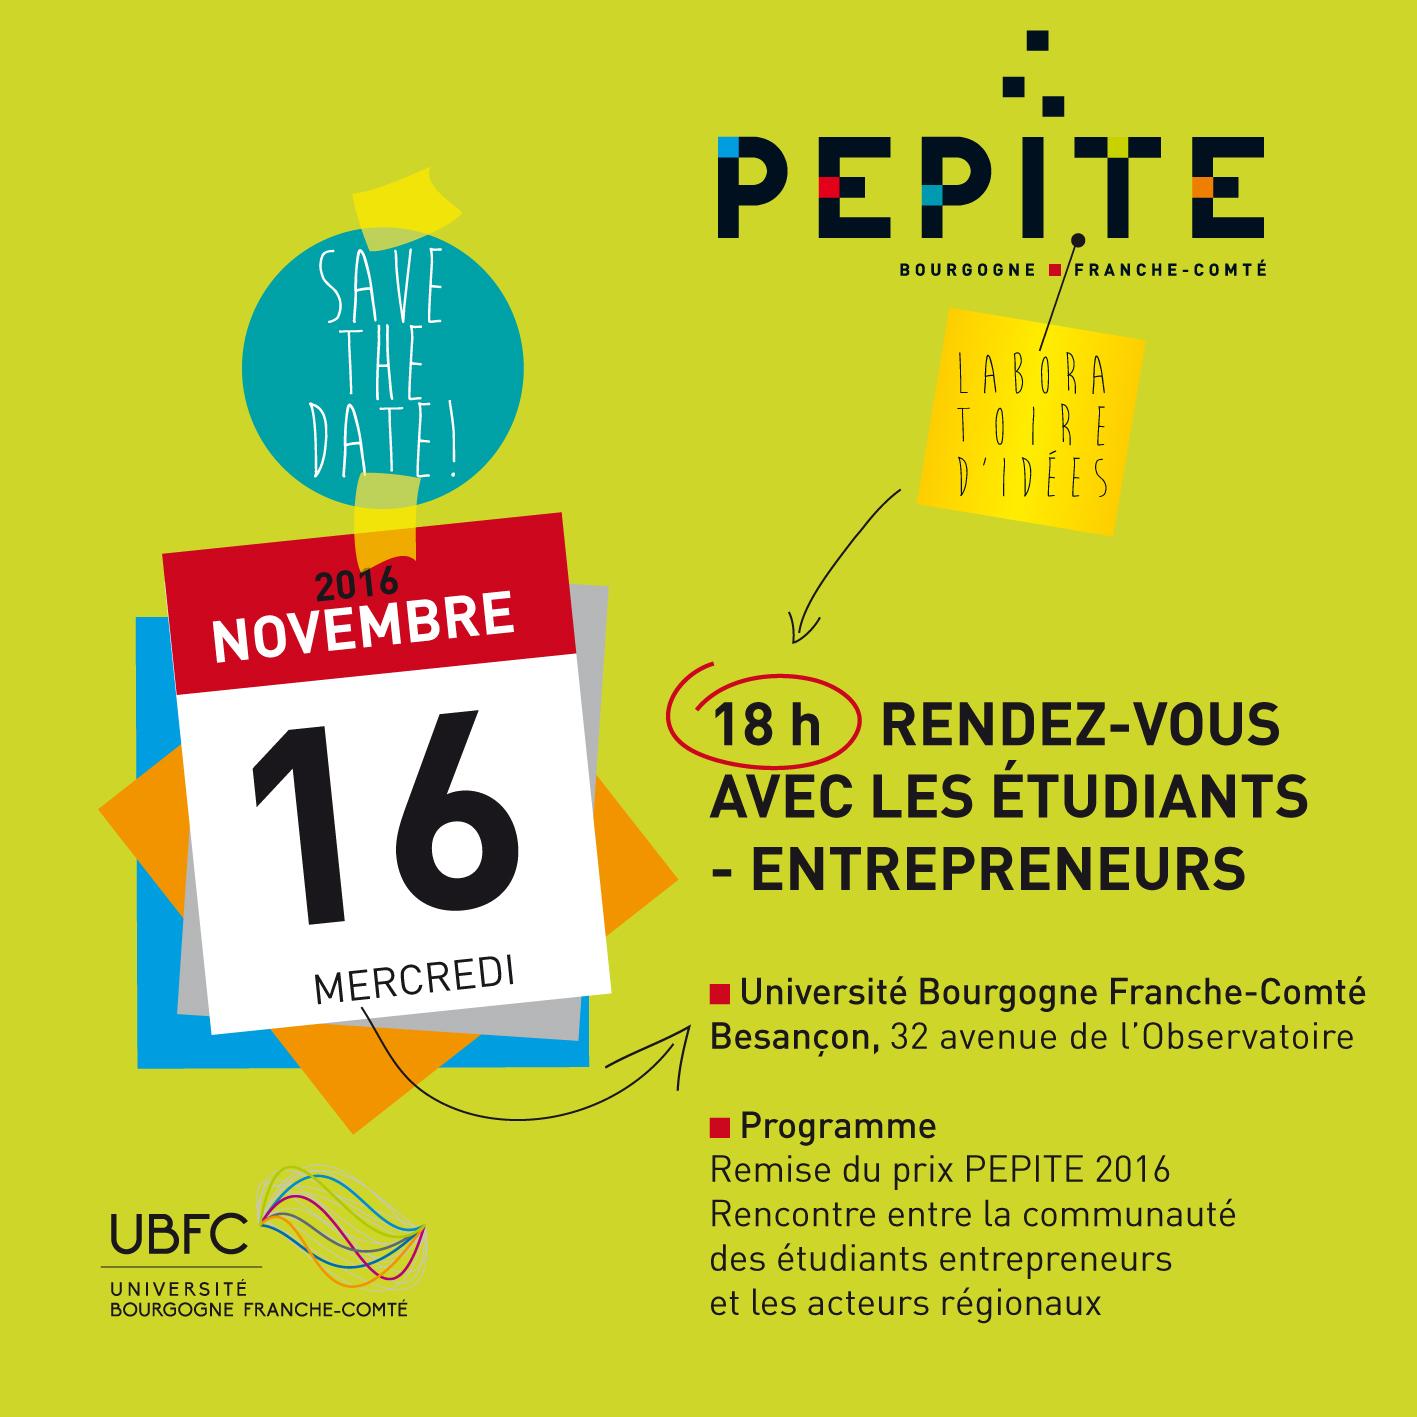 SAVE THE DATE ! RDV avec les étudiants entrepreneurs